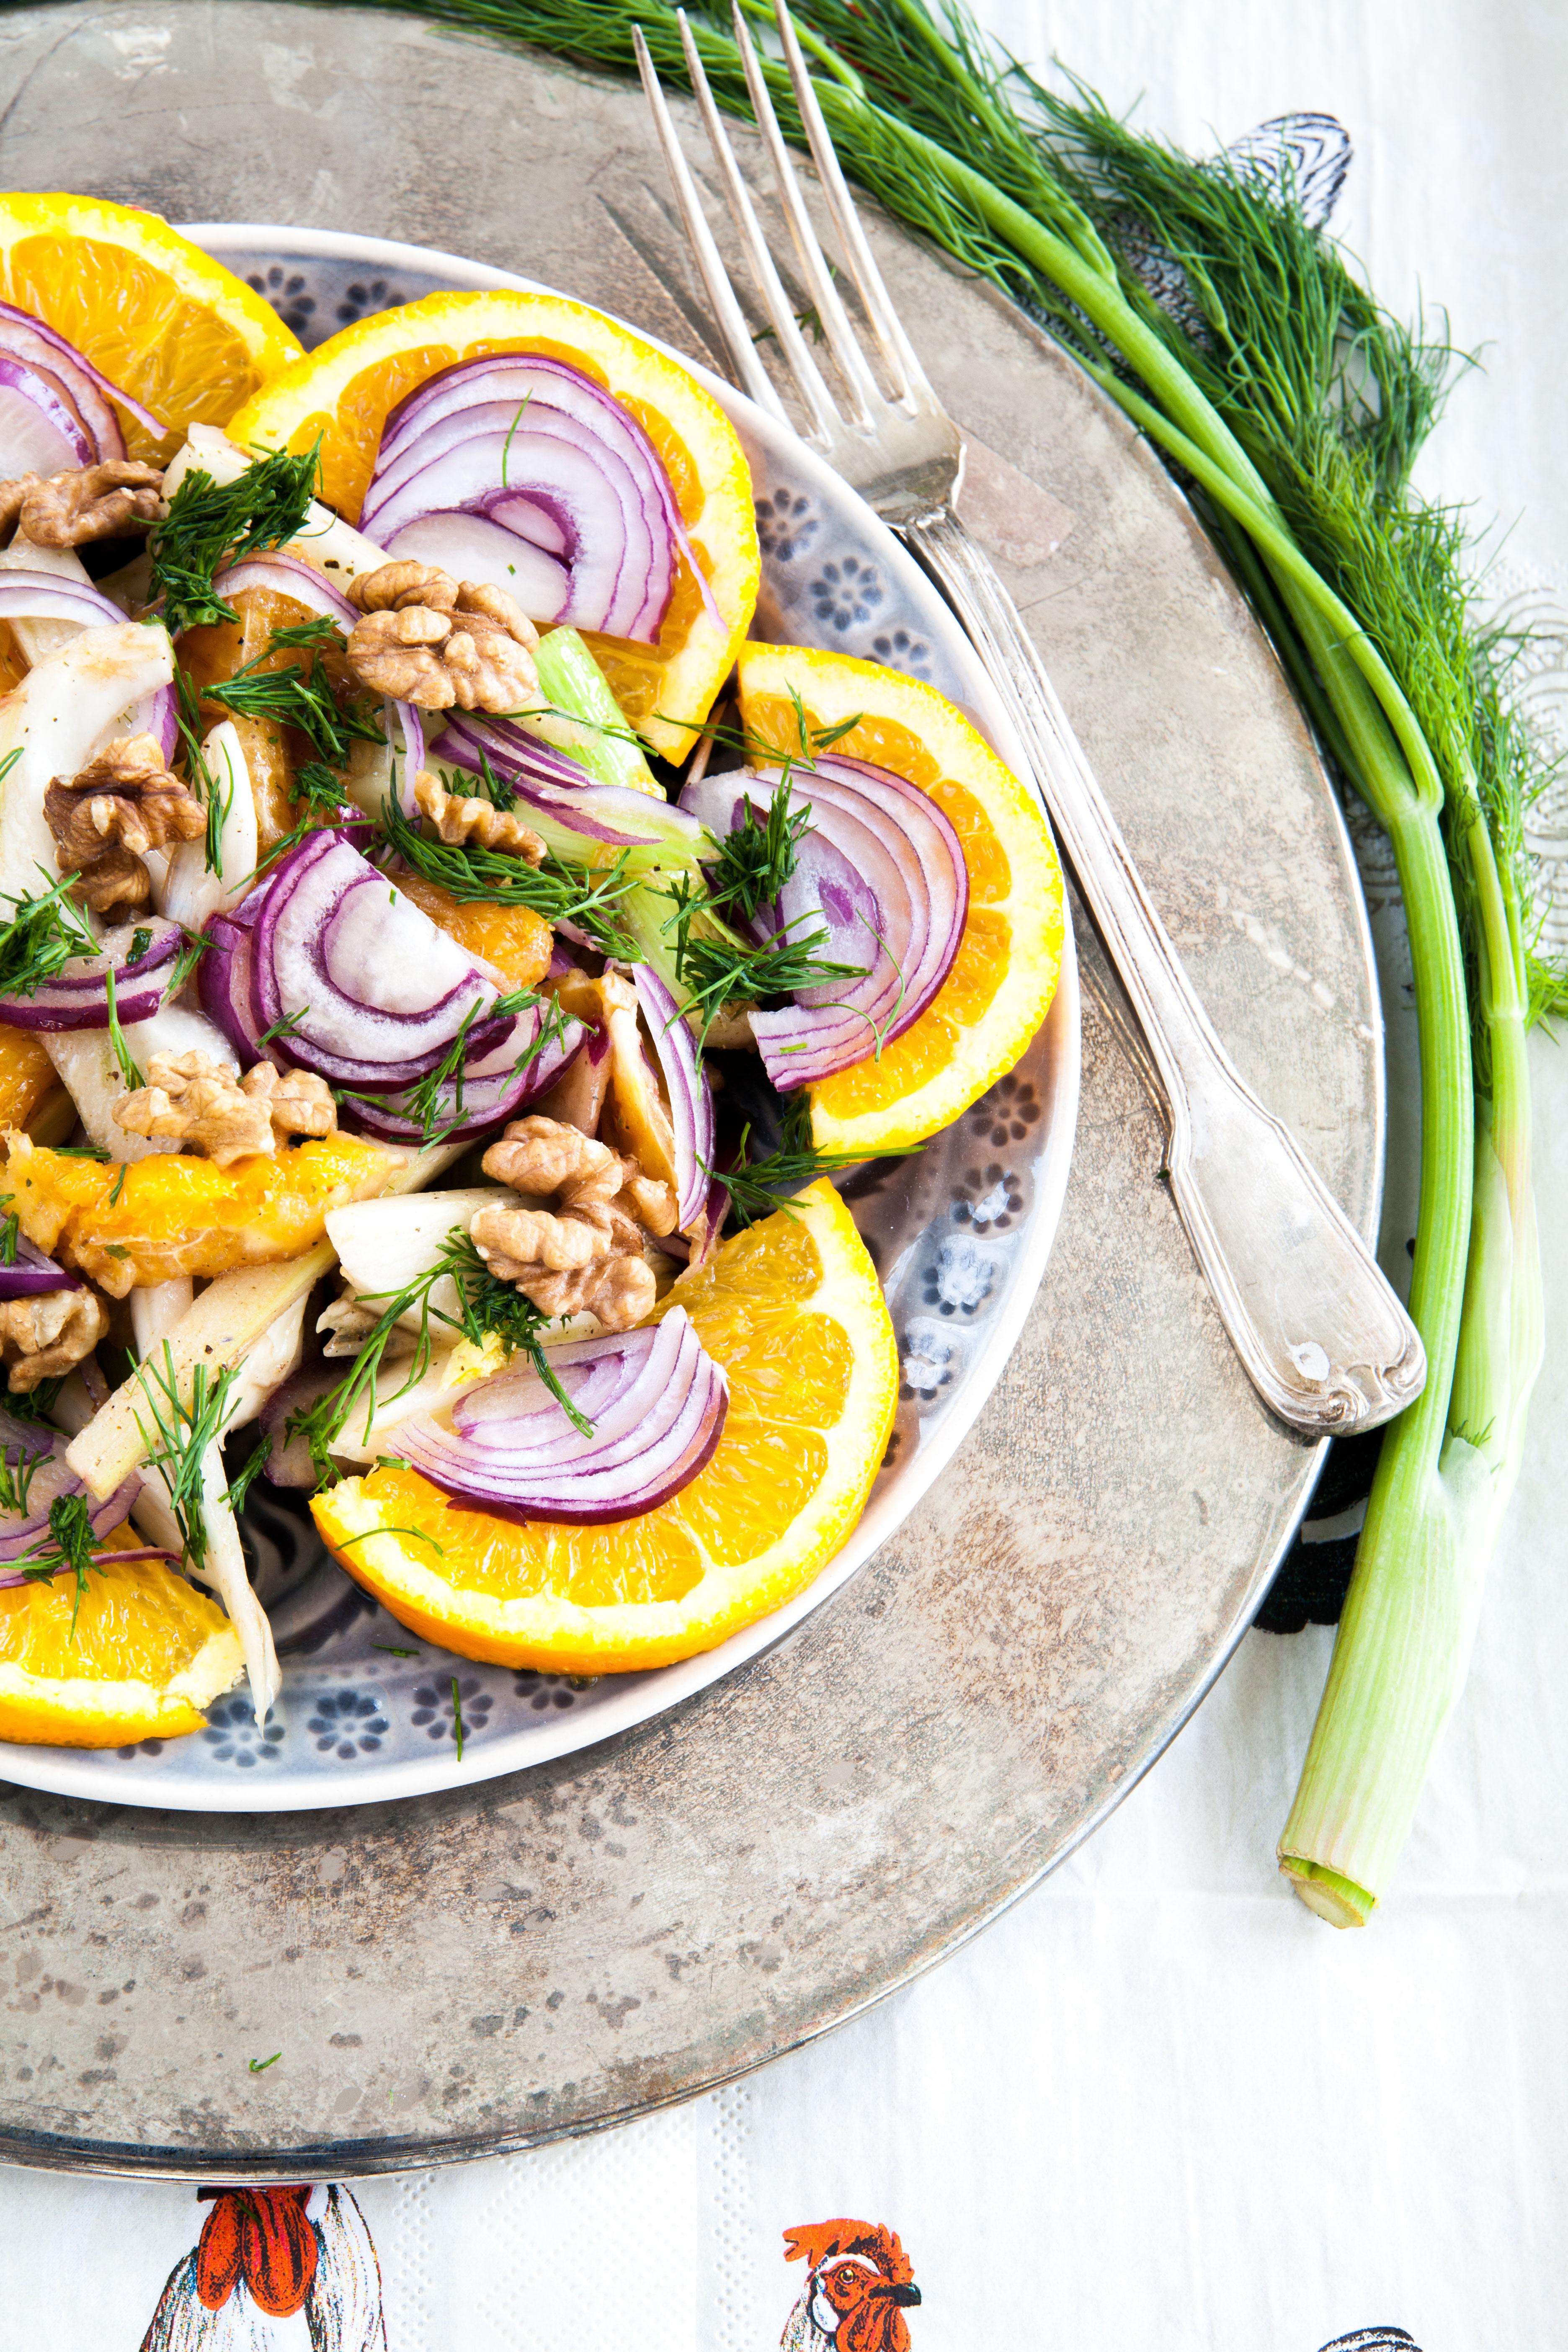 fenchel salat mit orangen und waln ssen foodtastic. Black Bedroom Furniture Sets. Home Design Ideas